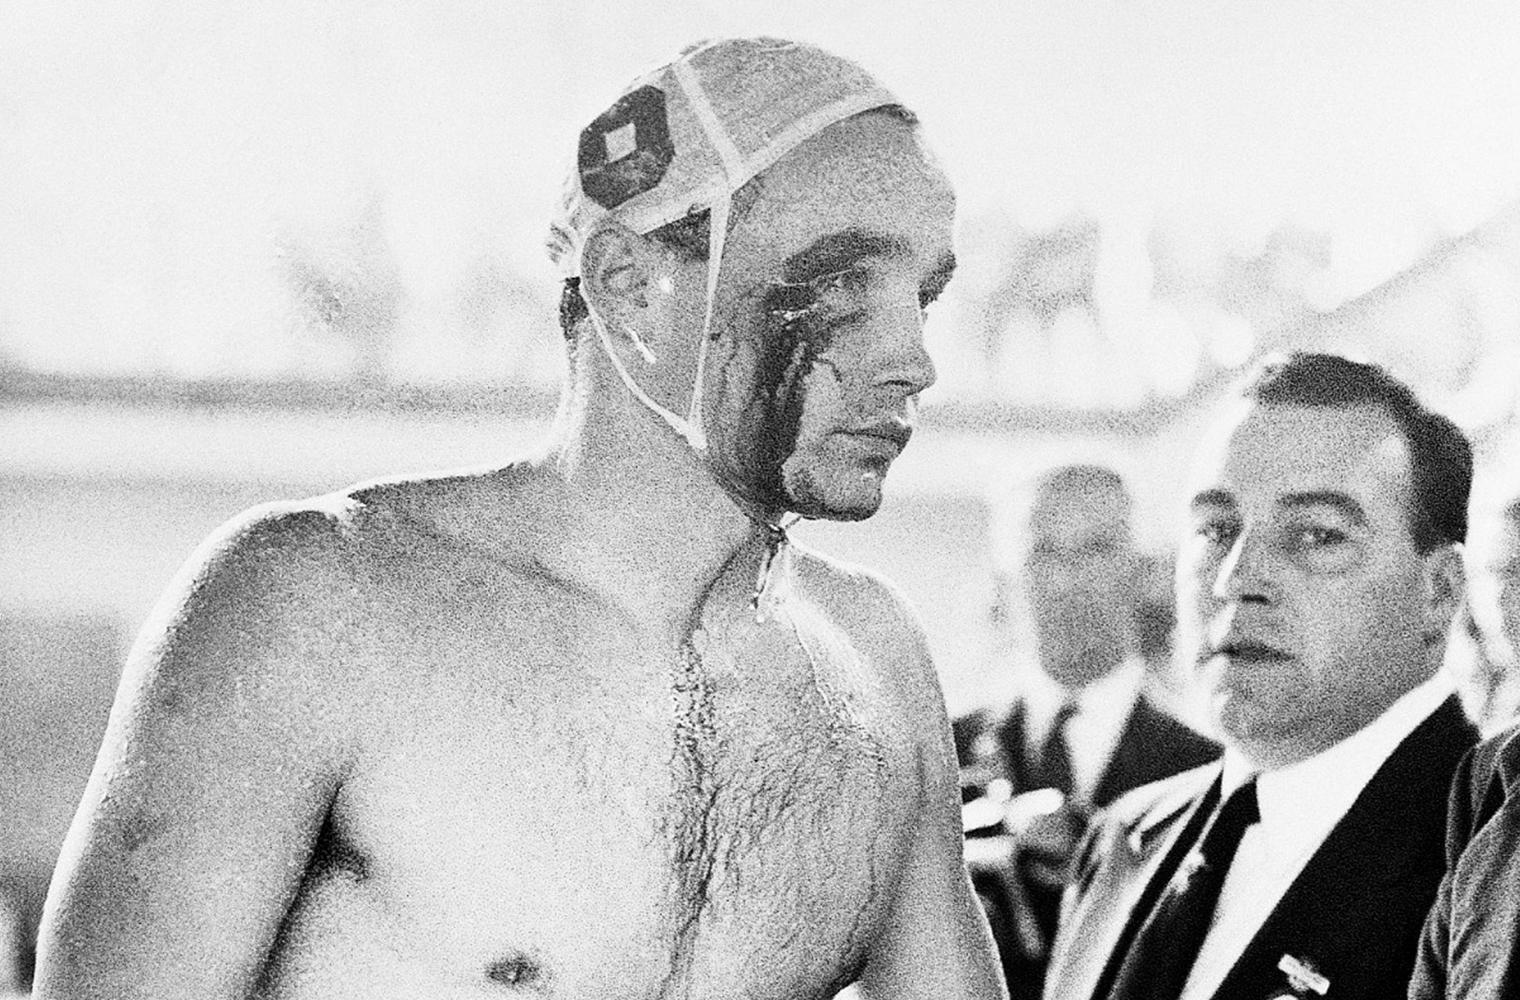 Скандалы на Олимпийских играх. Матч по водному поло «Кровь в бассейне», 1956 год